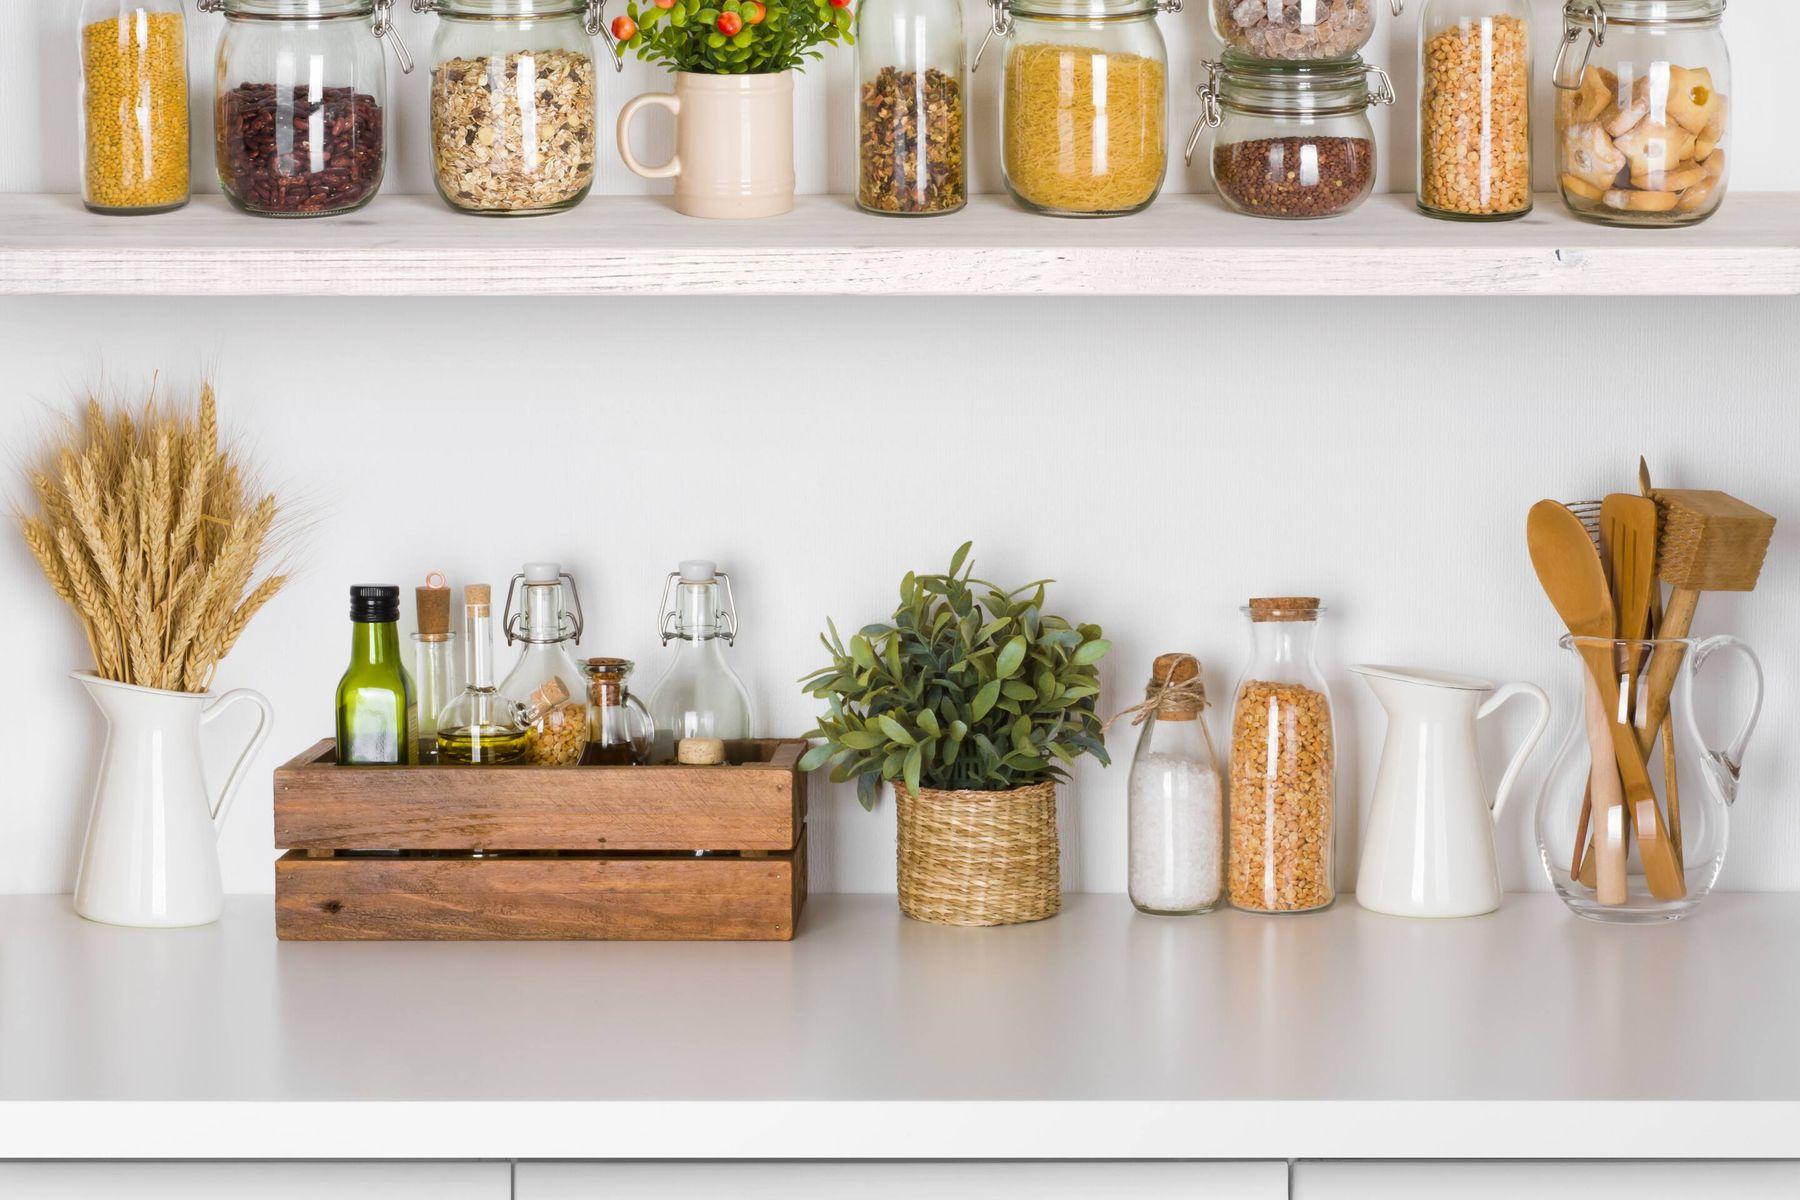 productos de cocina con caja de marron